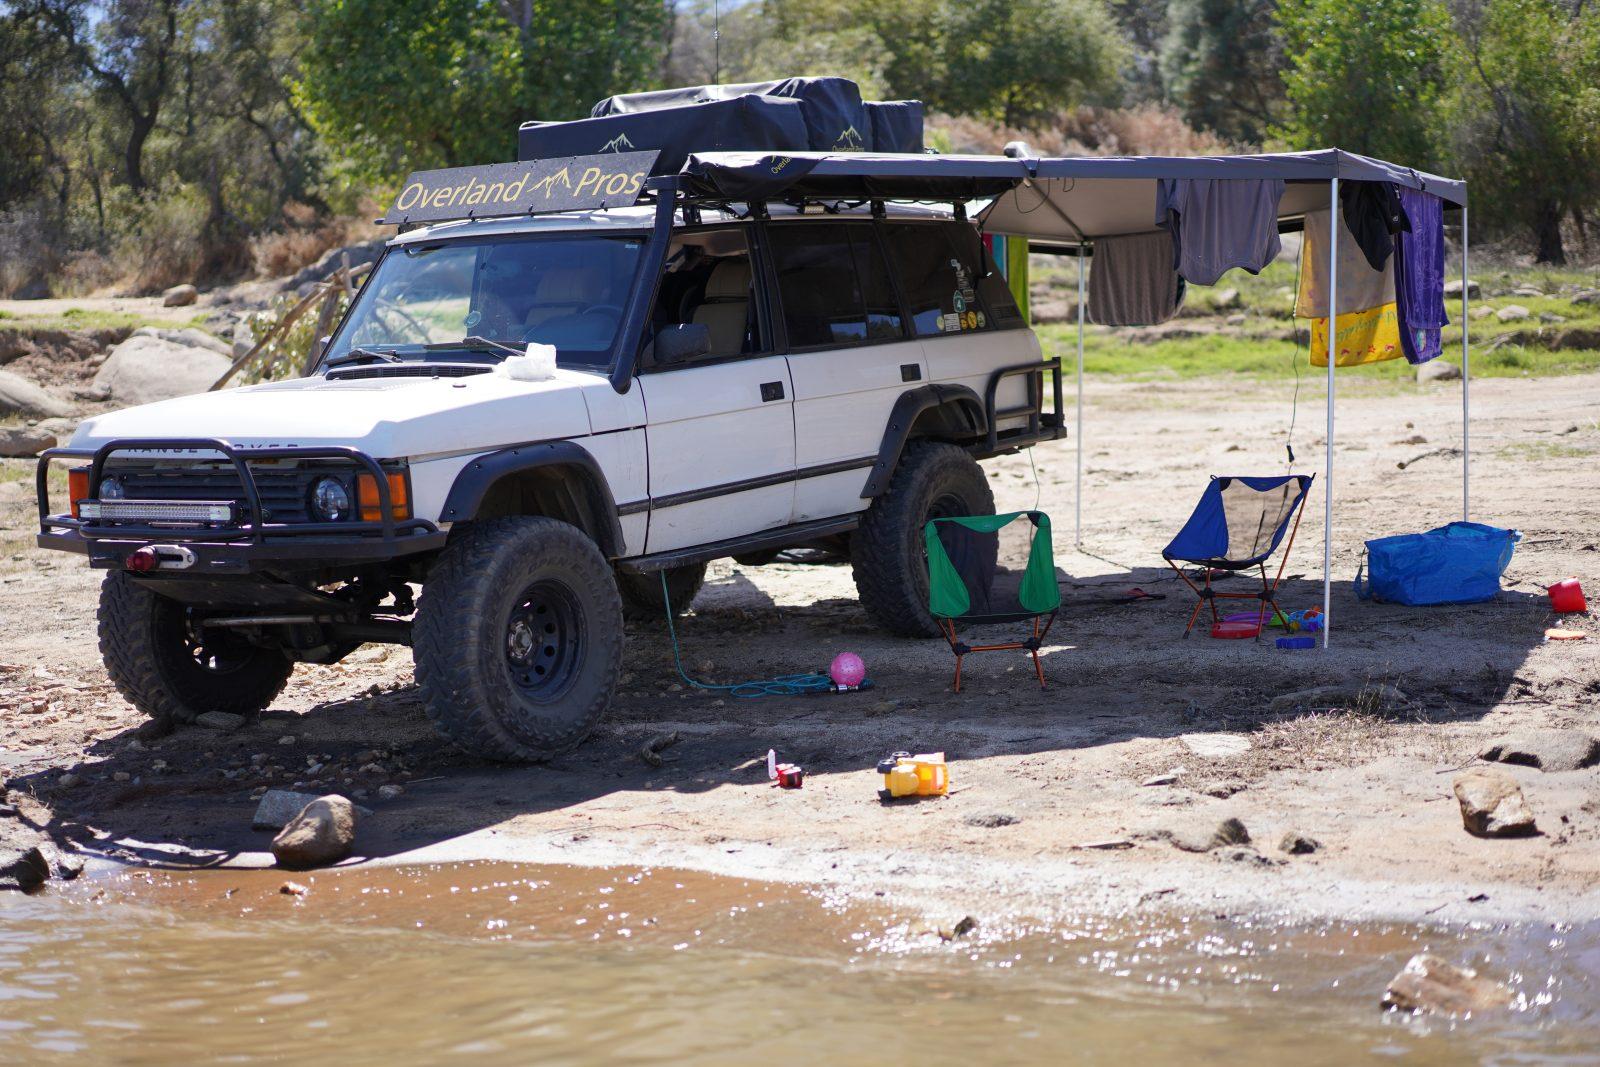 Wraptor 2500 270 Degree Vehicle Mounted Awning